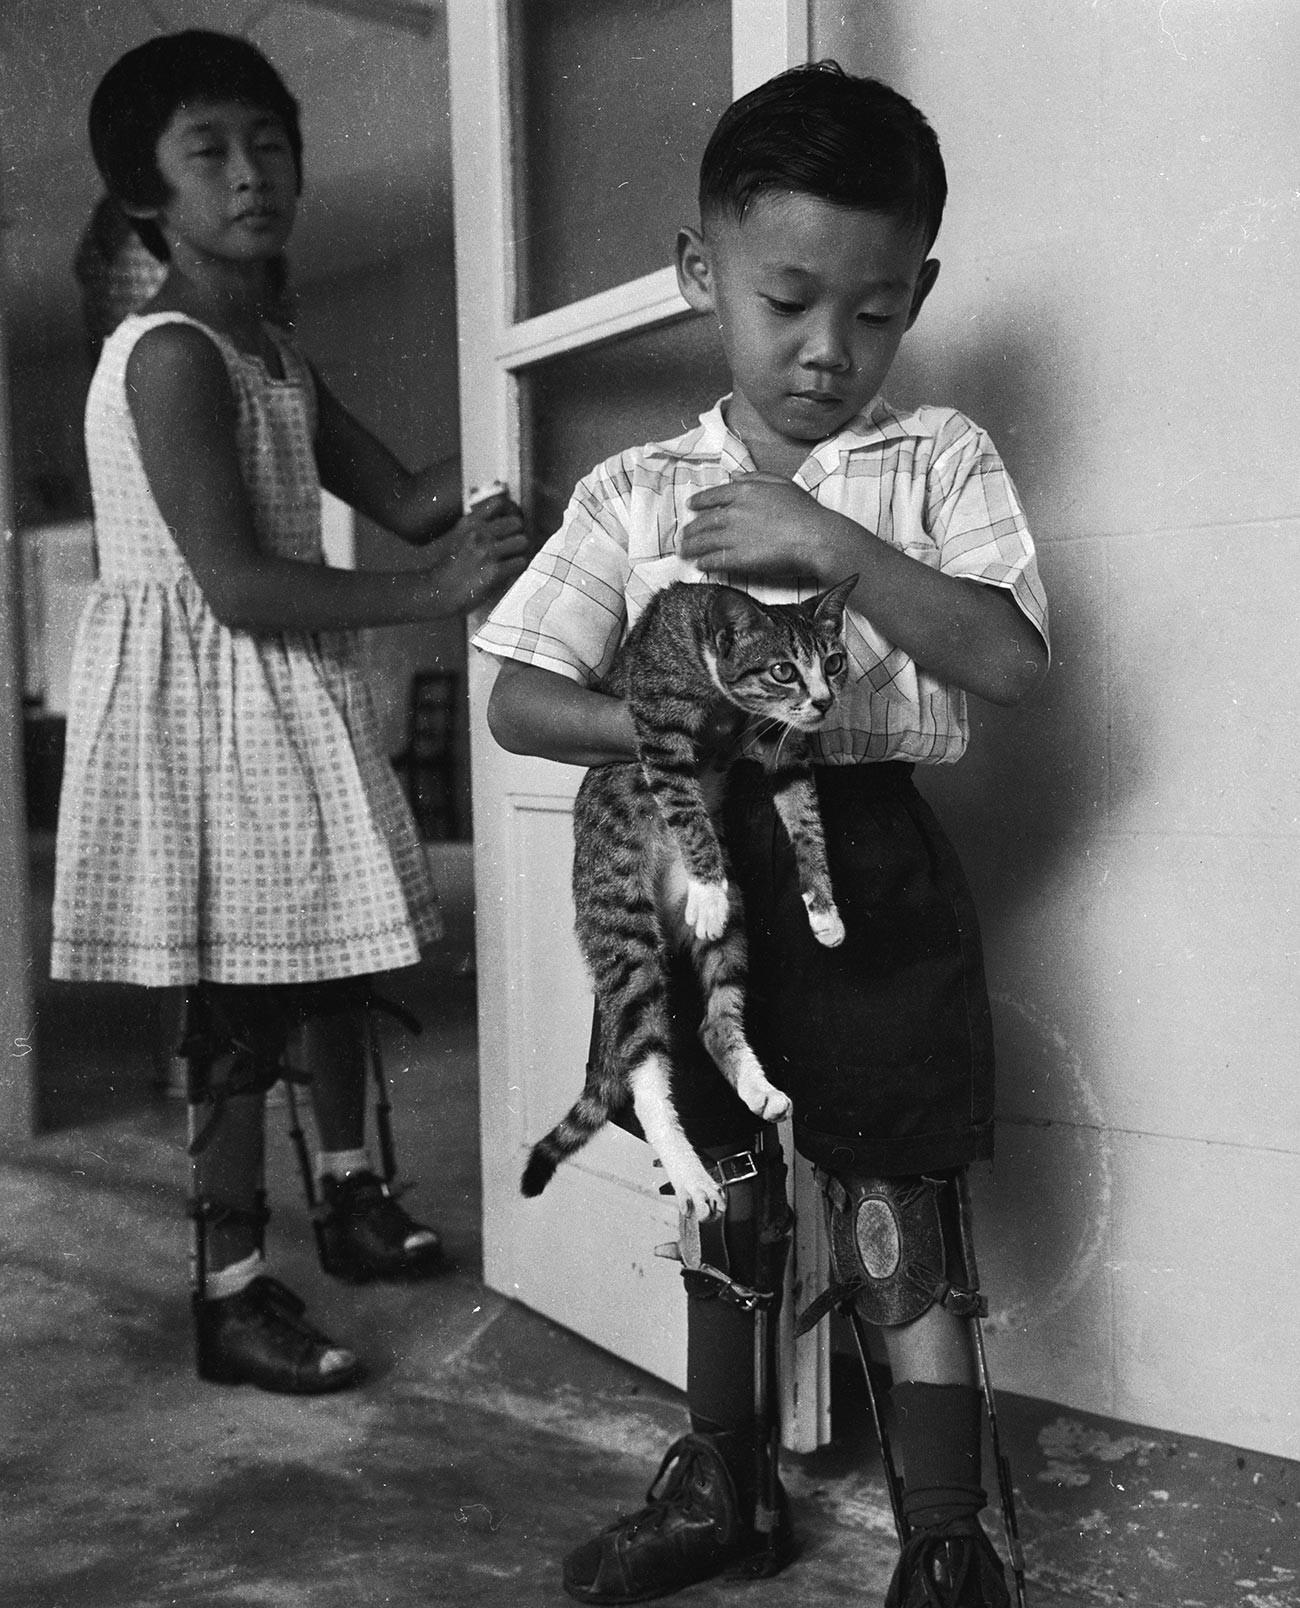 Fantek z mehansko napravo za pomoč pri hoji po preboleli otroški paralizi.